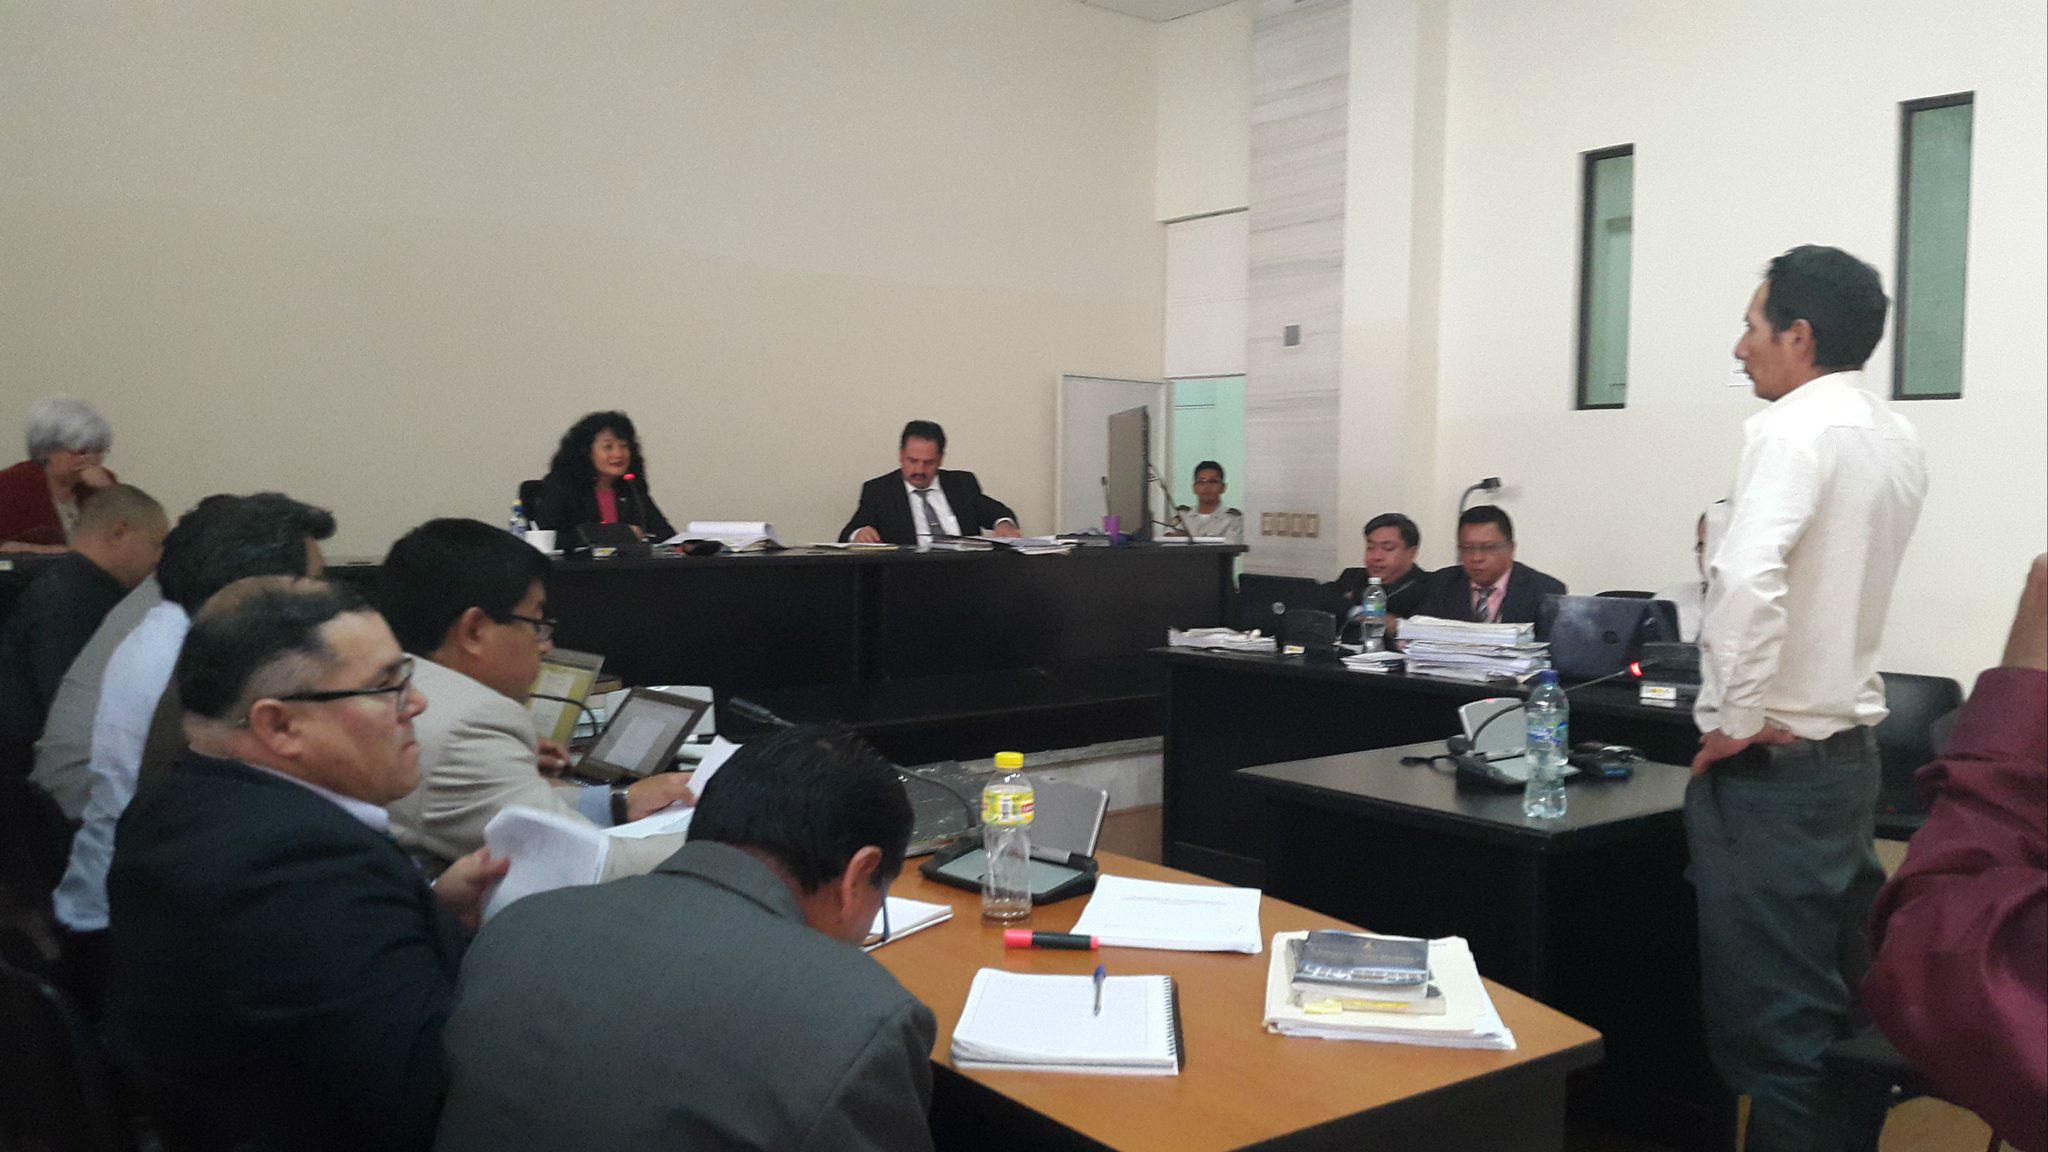 Diego Andrés, testigo propuesta por la defensa de Domingo Baltazar, declara ante el Tribunal.